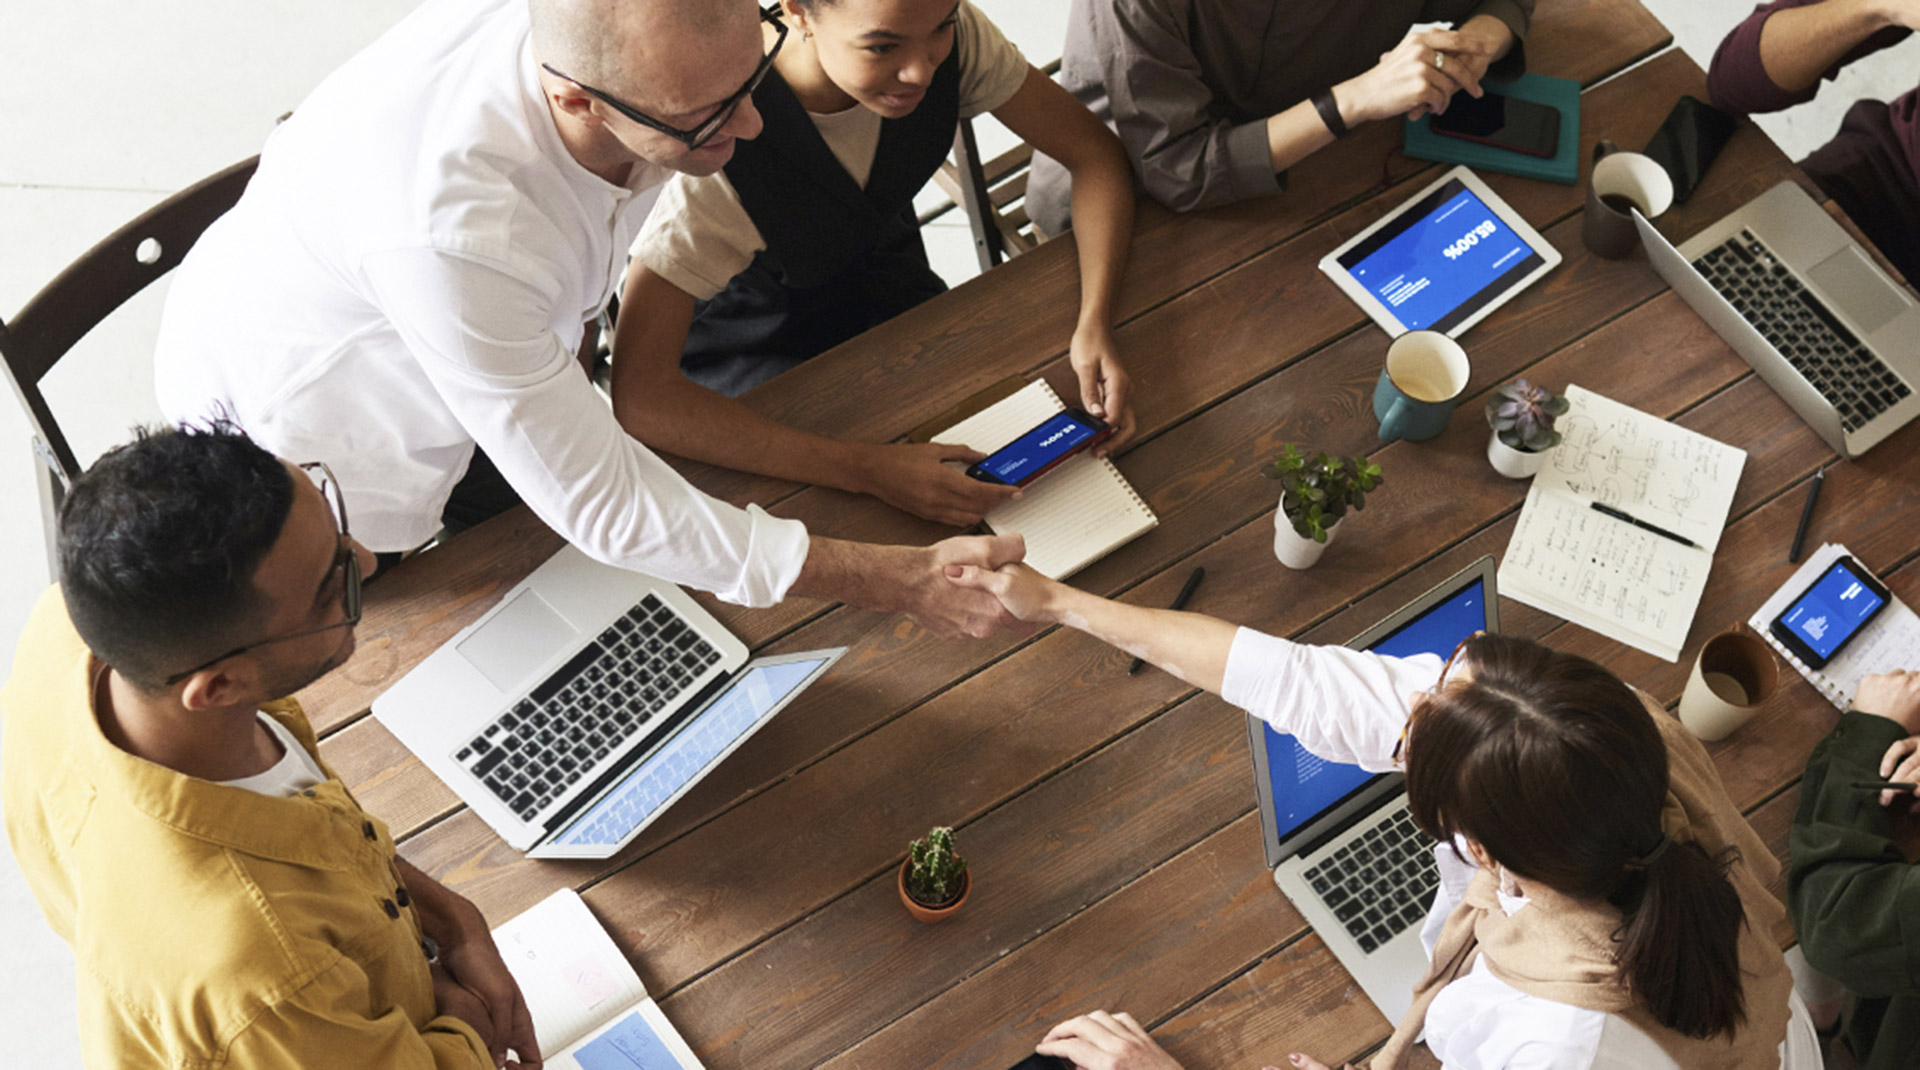 Гайд по работе с B2B-тендерами: как наладить контакты с крупными клиентами и регулярно выигрывать коммерческие торги